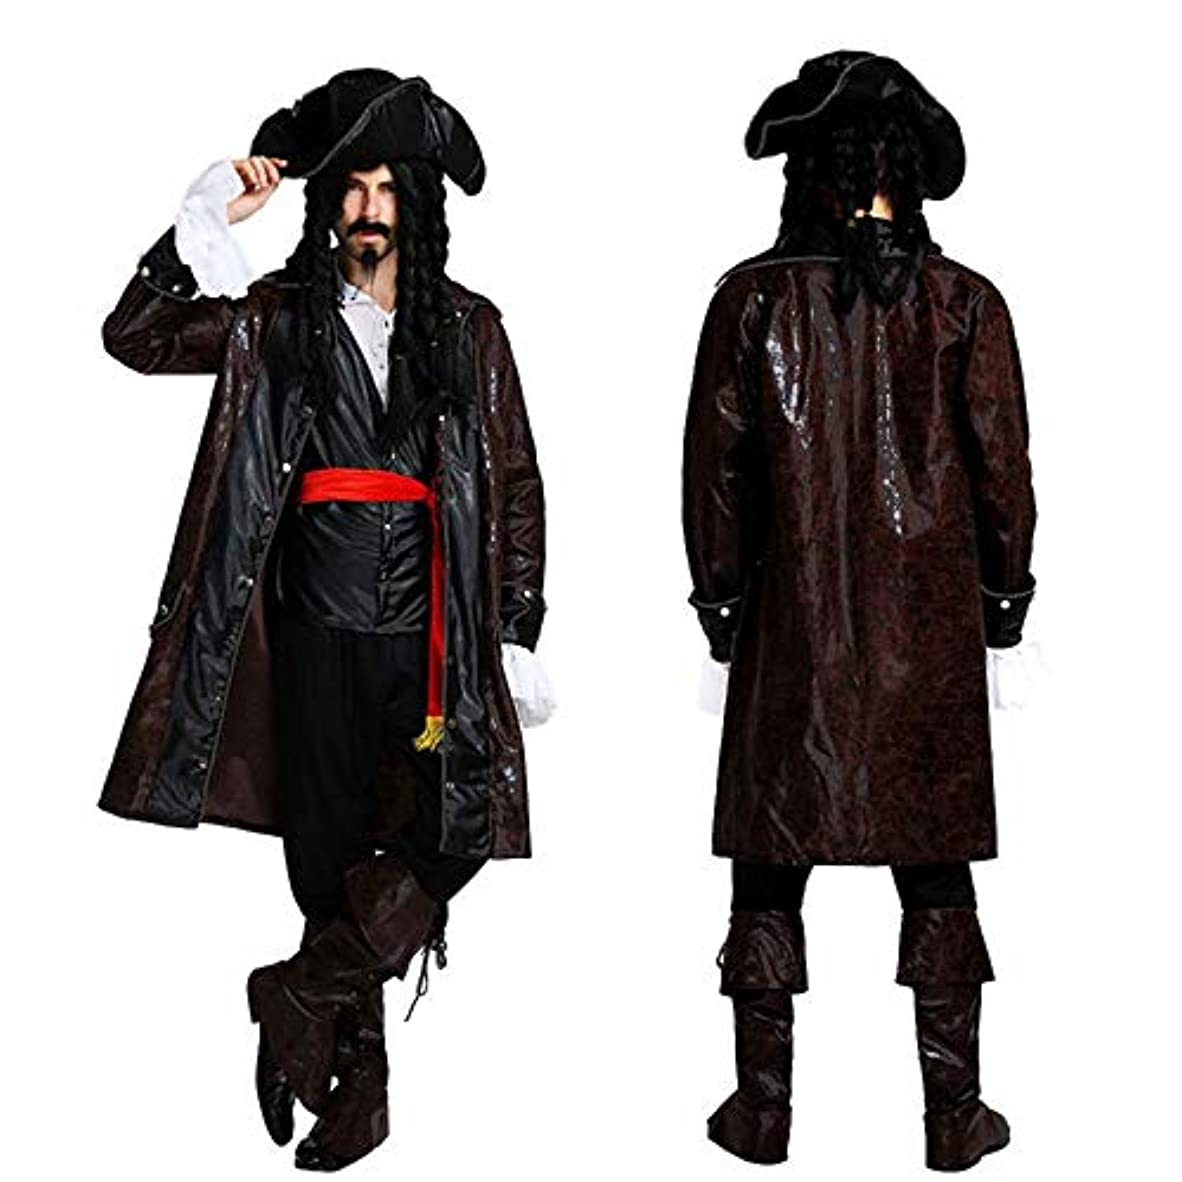 スタジオふさわしい器官monoii 海賊 コスプレ メンズ ハロウィン コスチューム パイレーツ 衣装 仮装 男 c529